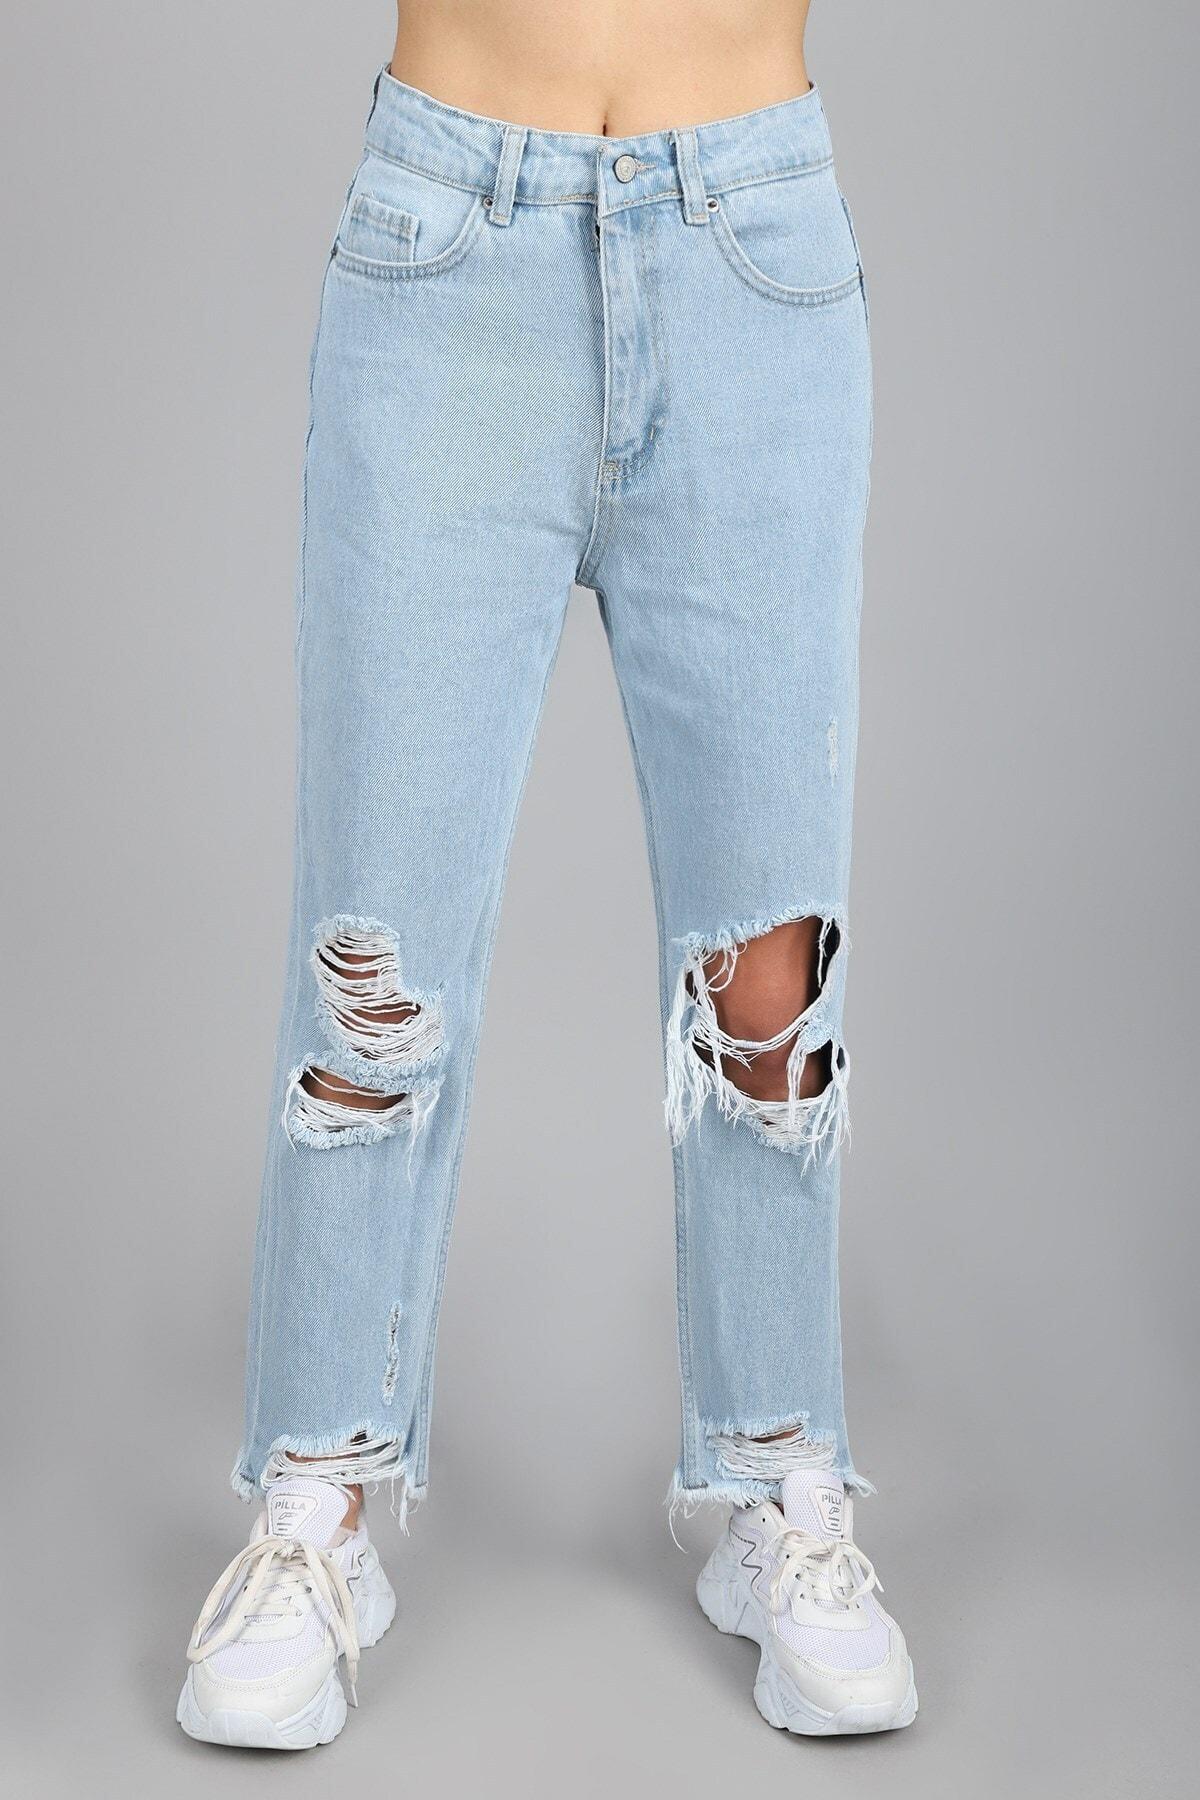 Kadın Yüksel Bel Tam Kalıp Yırtık Yamalı Lazer Buz Mavi Jean Pantolon